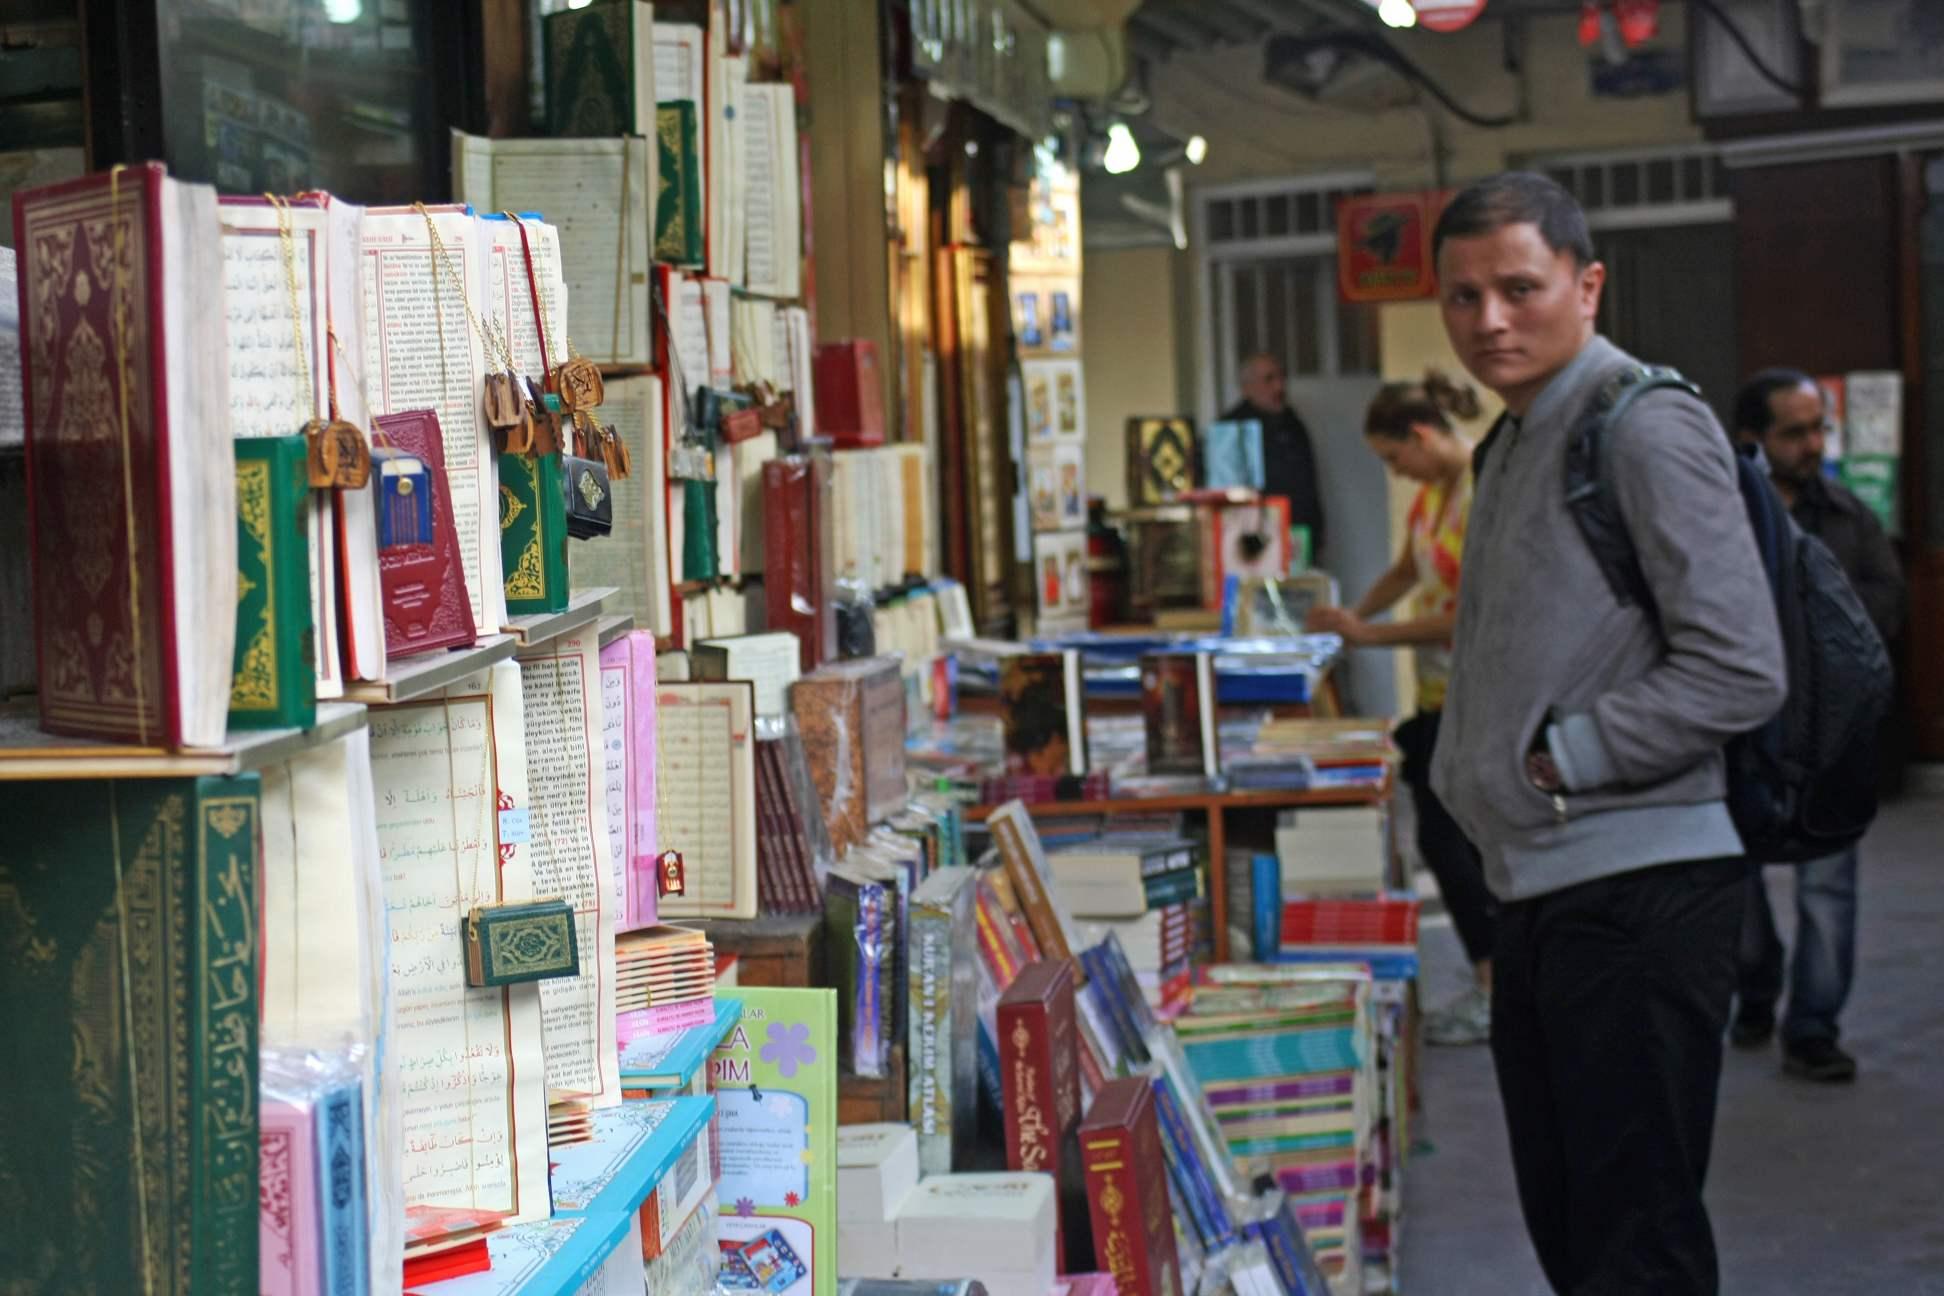 BY_www.notasdesdealgunlugar.com